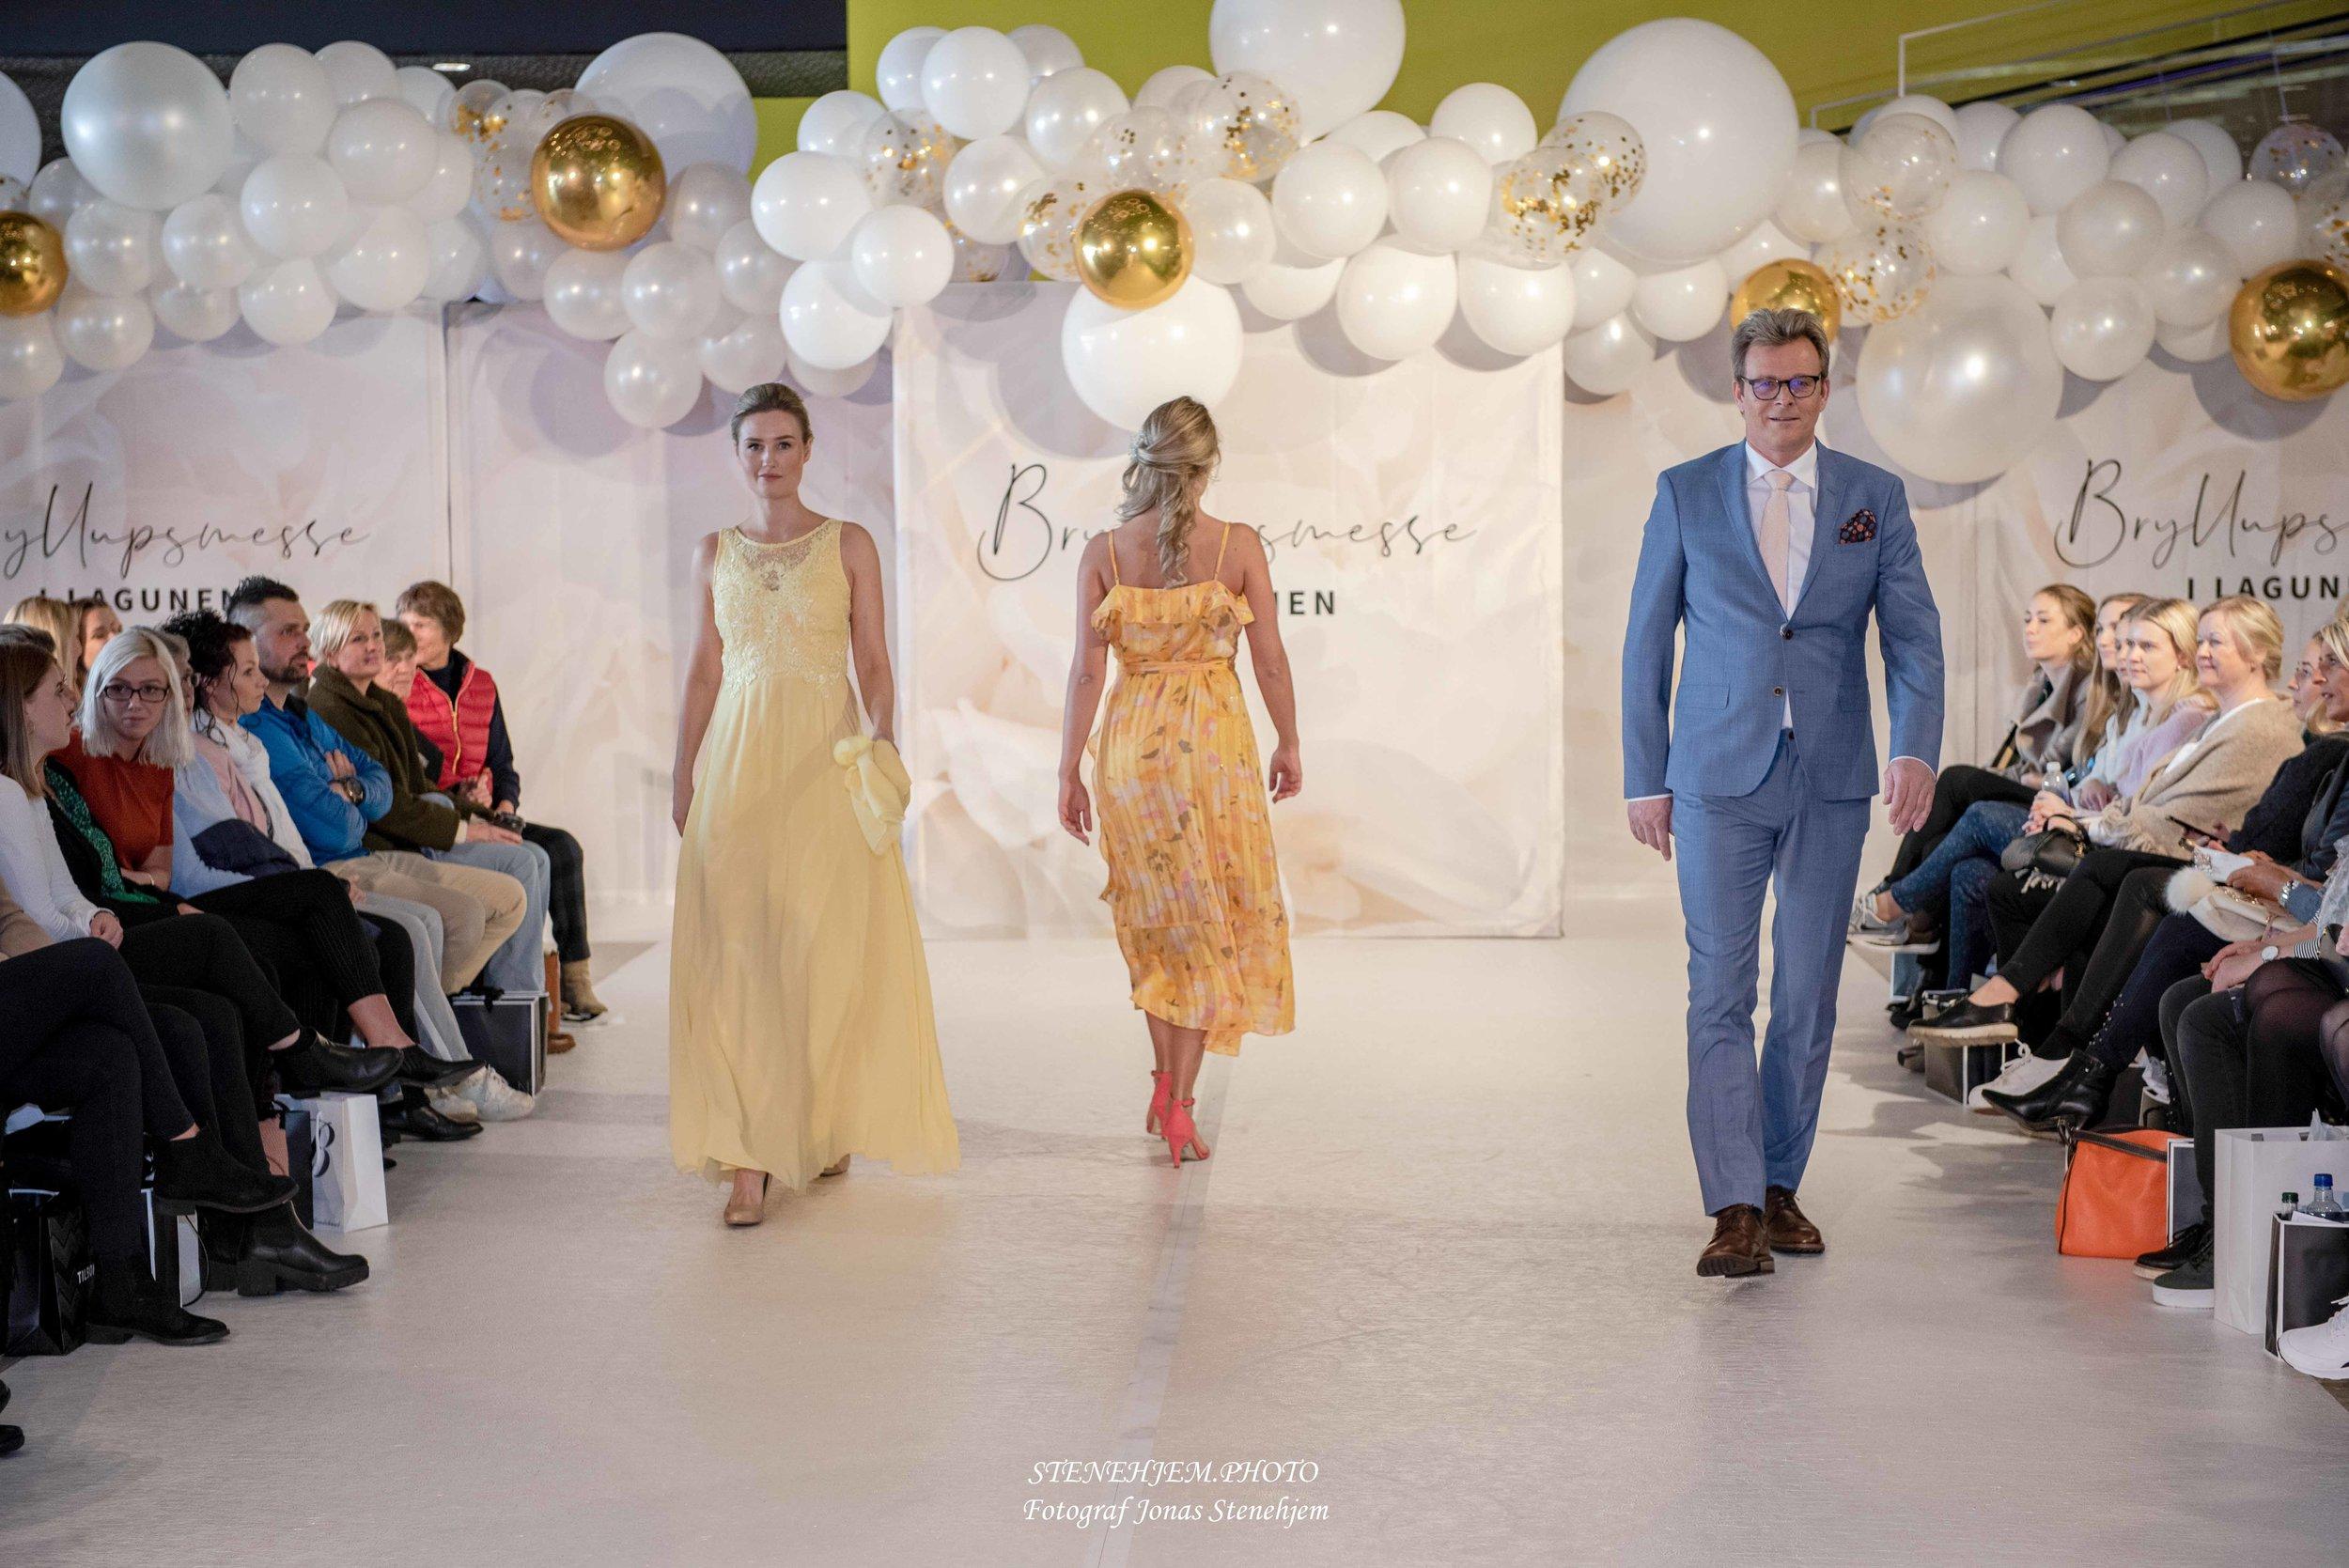 lagunen_fashion_mittaltweddingfair__013.jpg